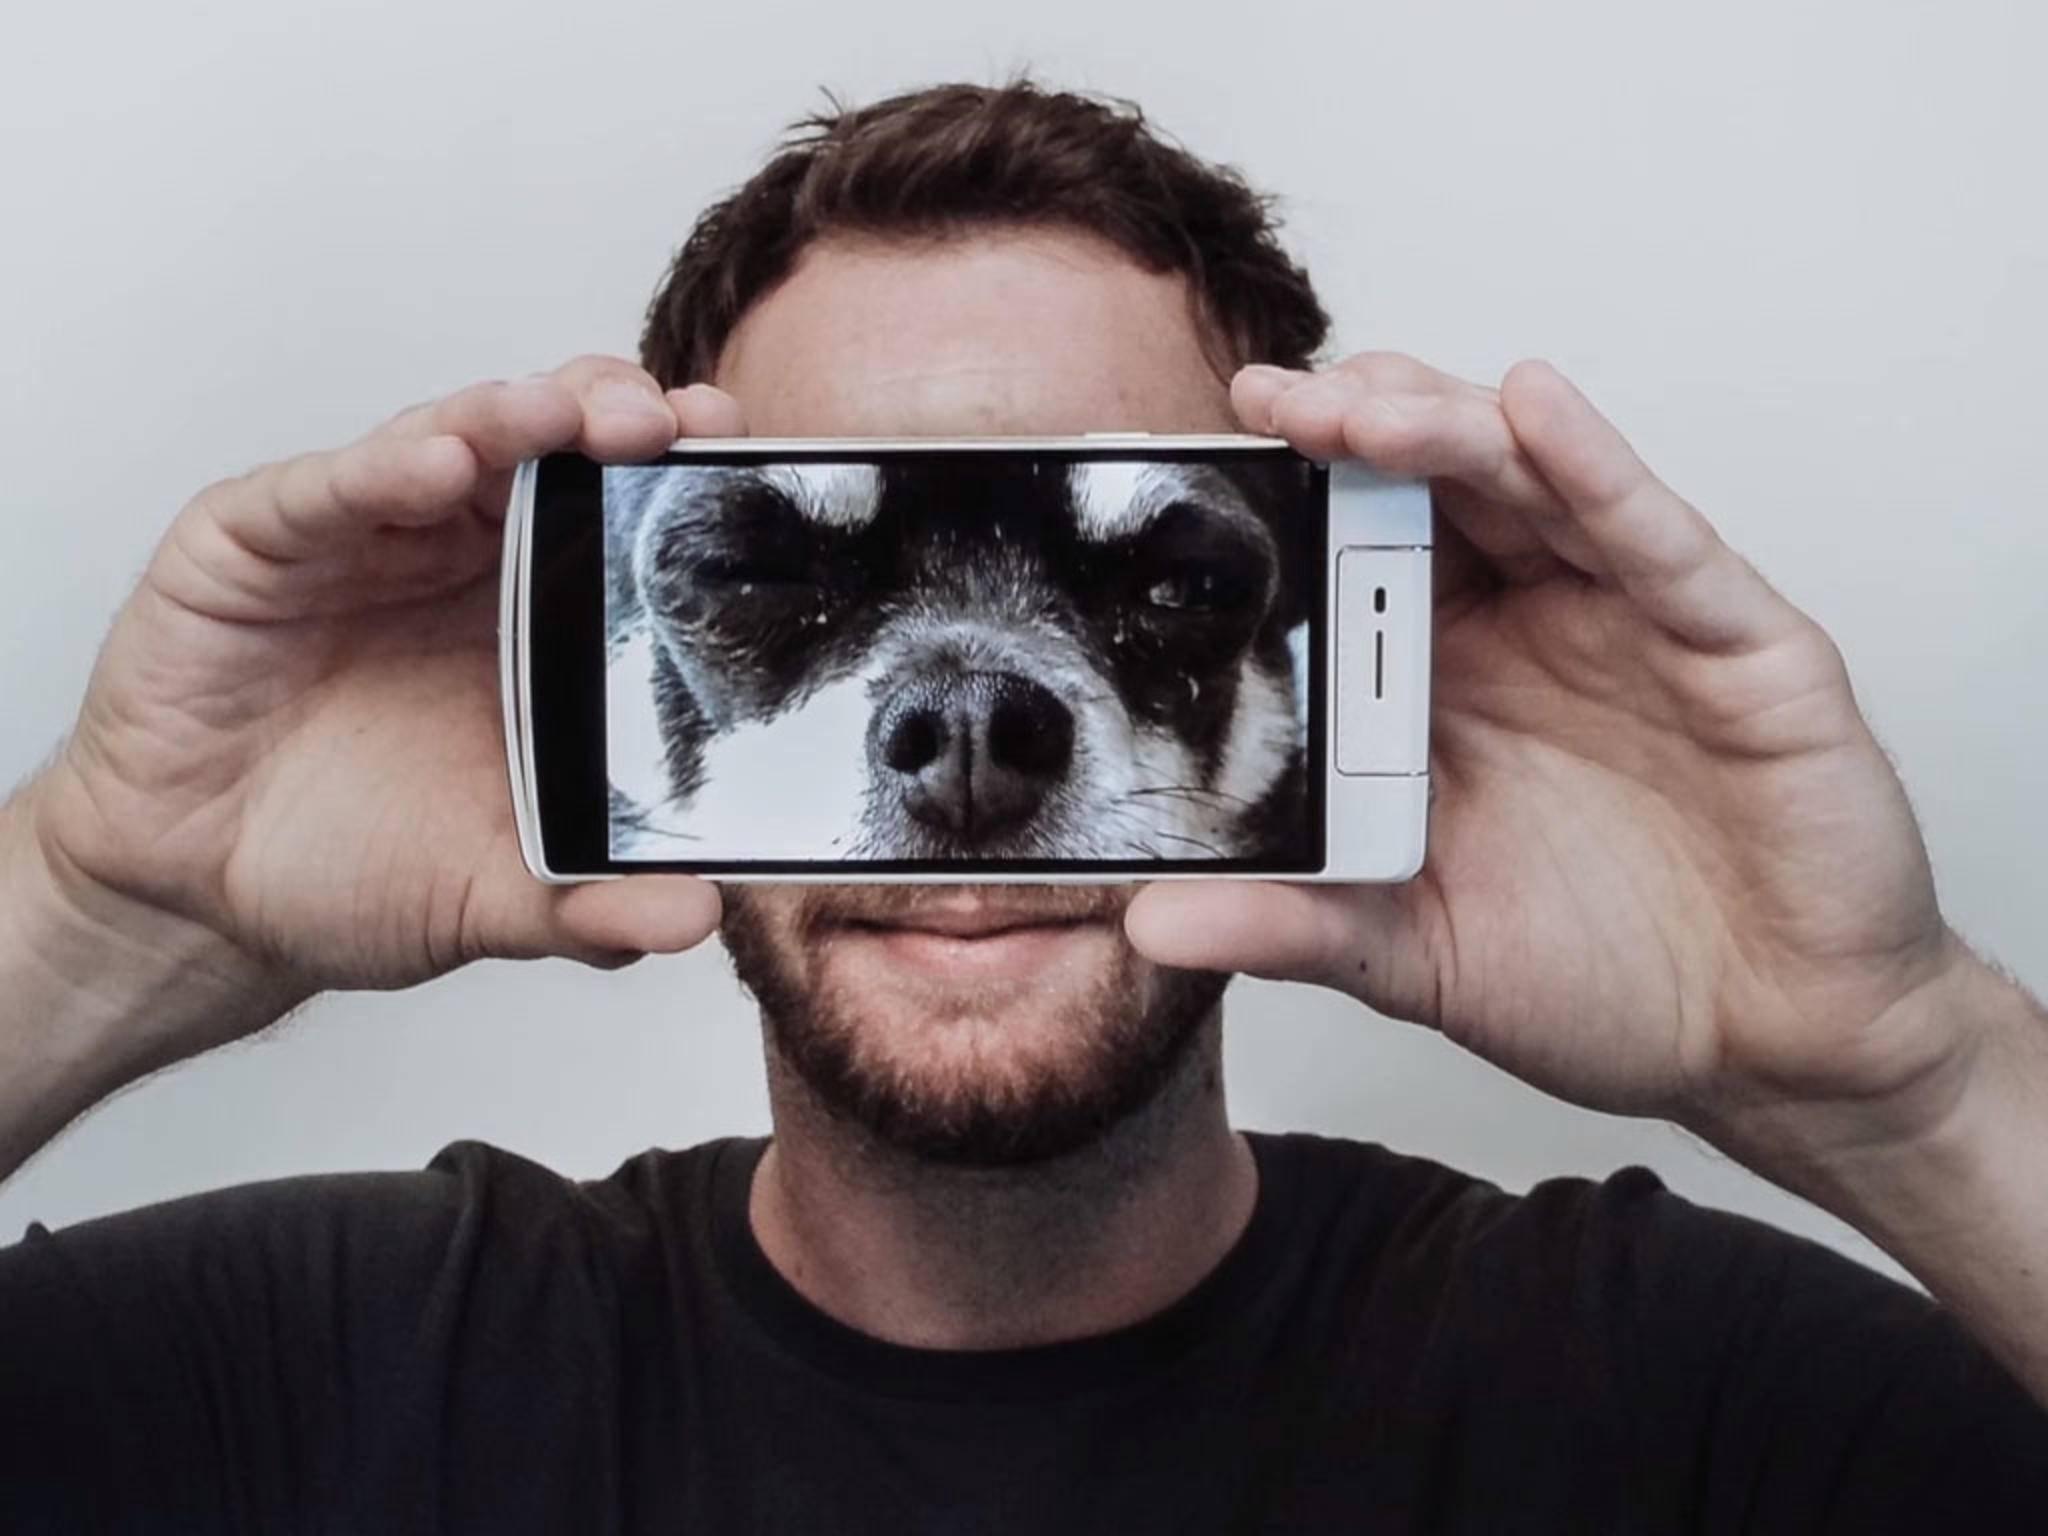 Mit der richtigen Android-Foto-App kannst Du auch solche Bilder schießen.